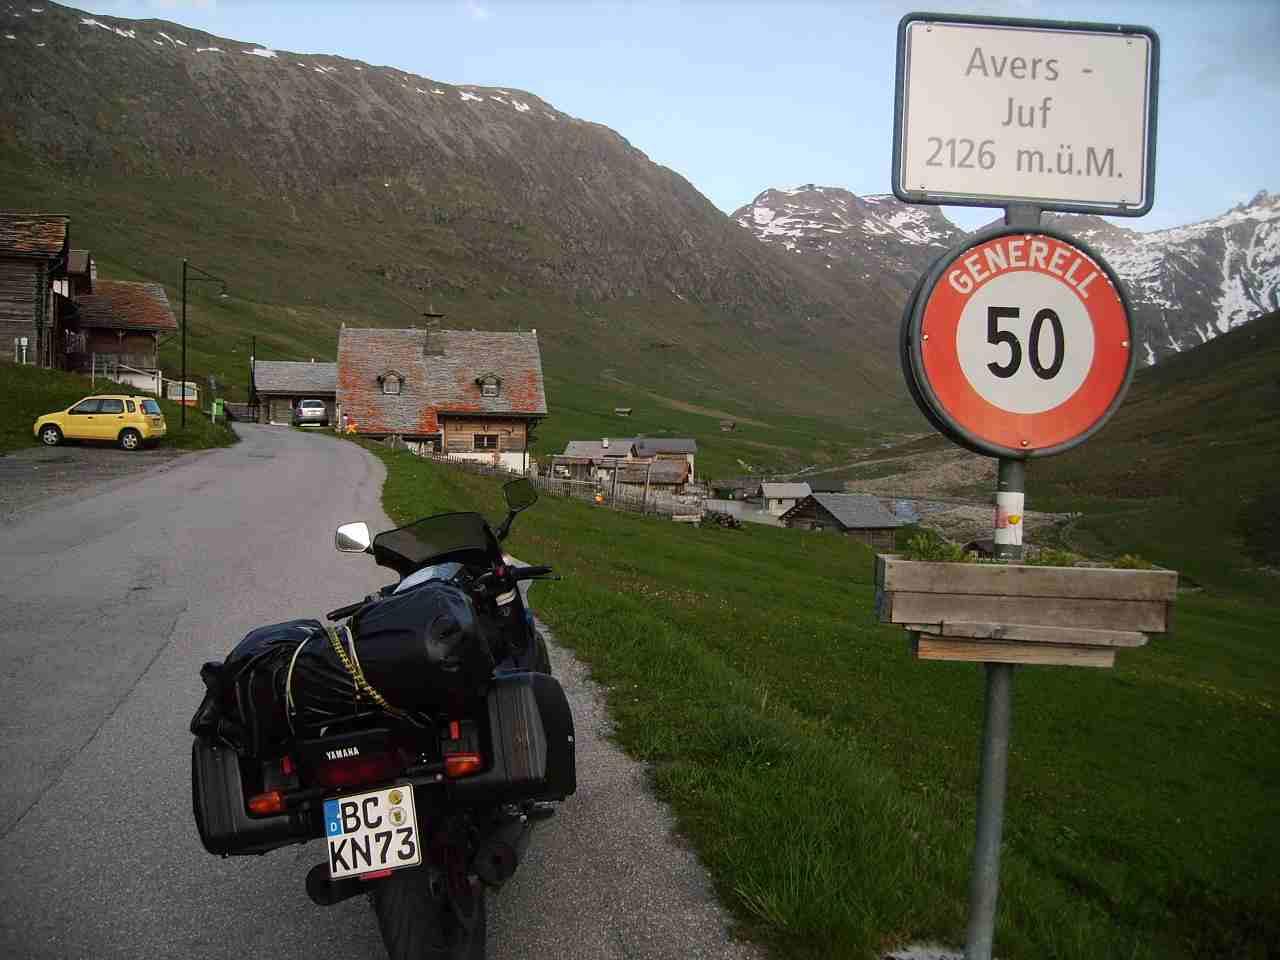 eine der ersten Anlaufpunkte: Juf  - höchstgelegene, dauerhaft- bewohnte Siedlung der Alpen